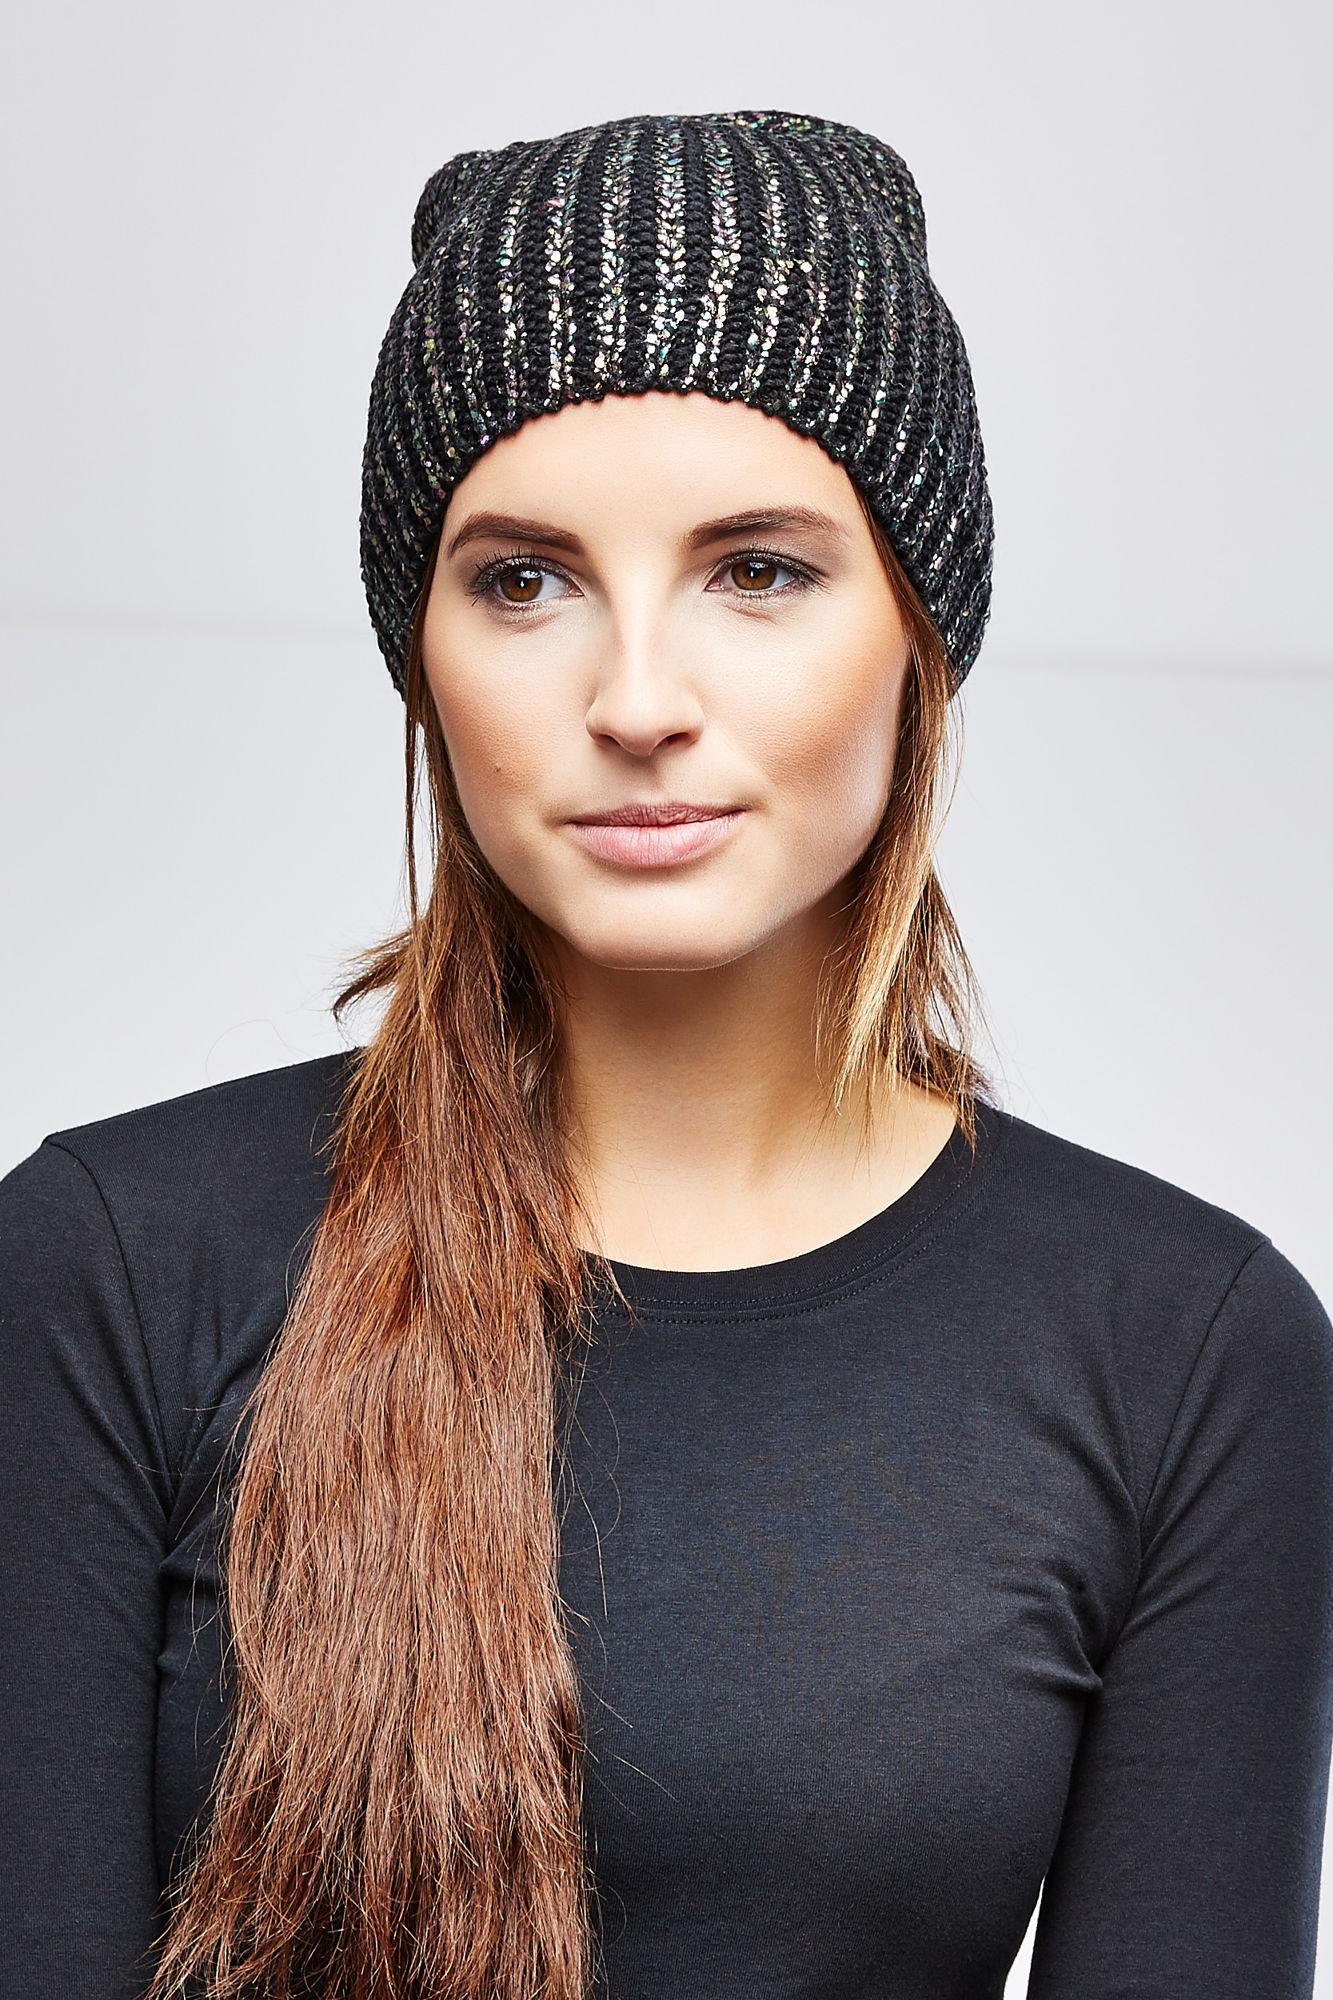 Шапка женская. Z-CZ-1813Z-CZ-1813_BLACKВязаная женская шапка Moodo отлично дополнит ваш образ в прохладную погоду. Модель изготовлена из акрила, она мягкая и приятная на ощупь, идеально прилегает к голове, максимально сохраняет тепло. По всей поверхности шапка декорирована цветным напылением. Такой стильный и теплый аксессуар подчеркнет вашу индивидуальность и станет отличным дополнением к гардеробу!